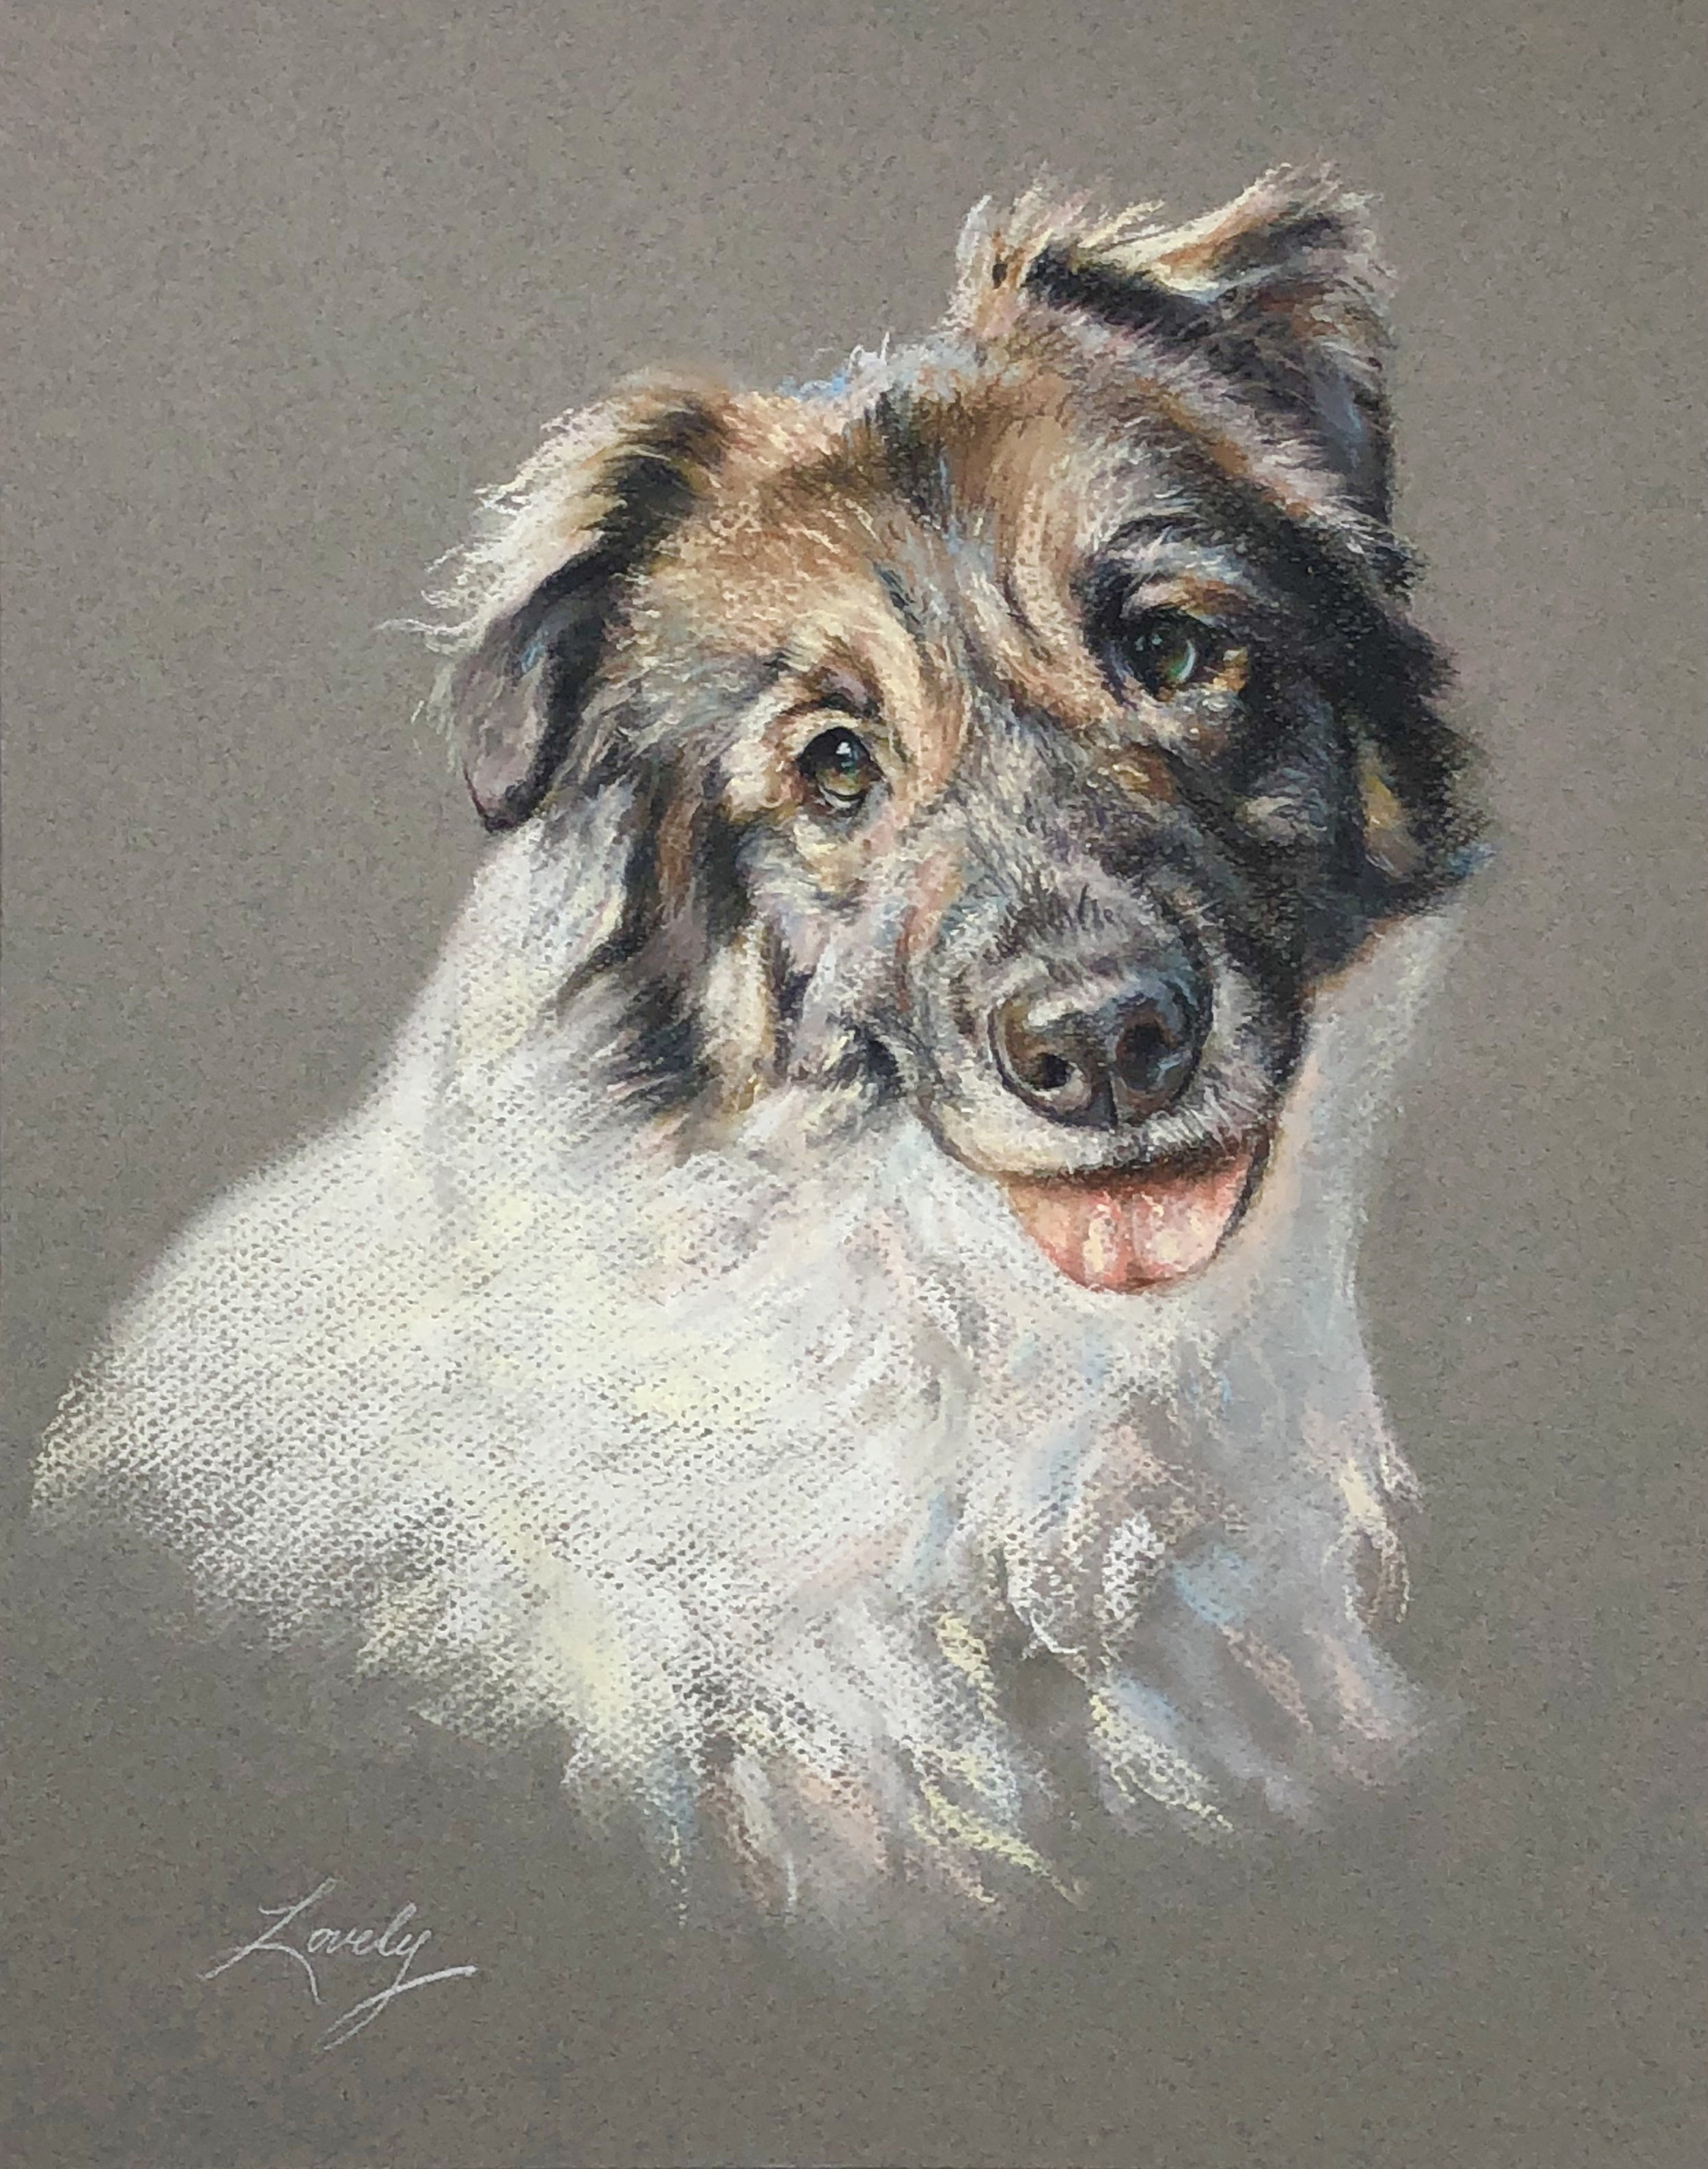 Pet_Portrait_Sample_by_Artist_Daniel_Lovely.jpg